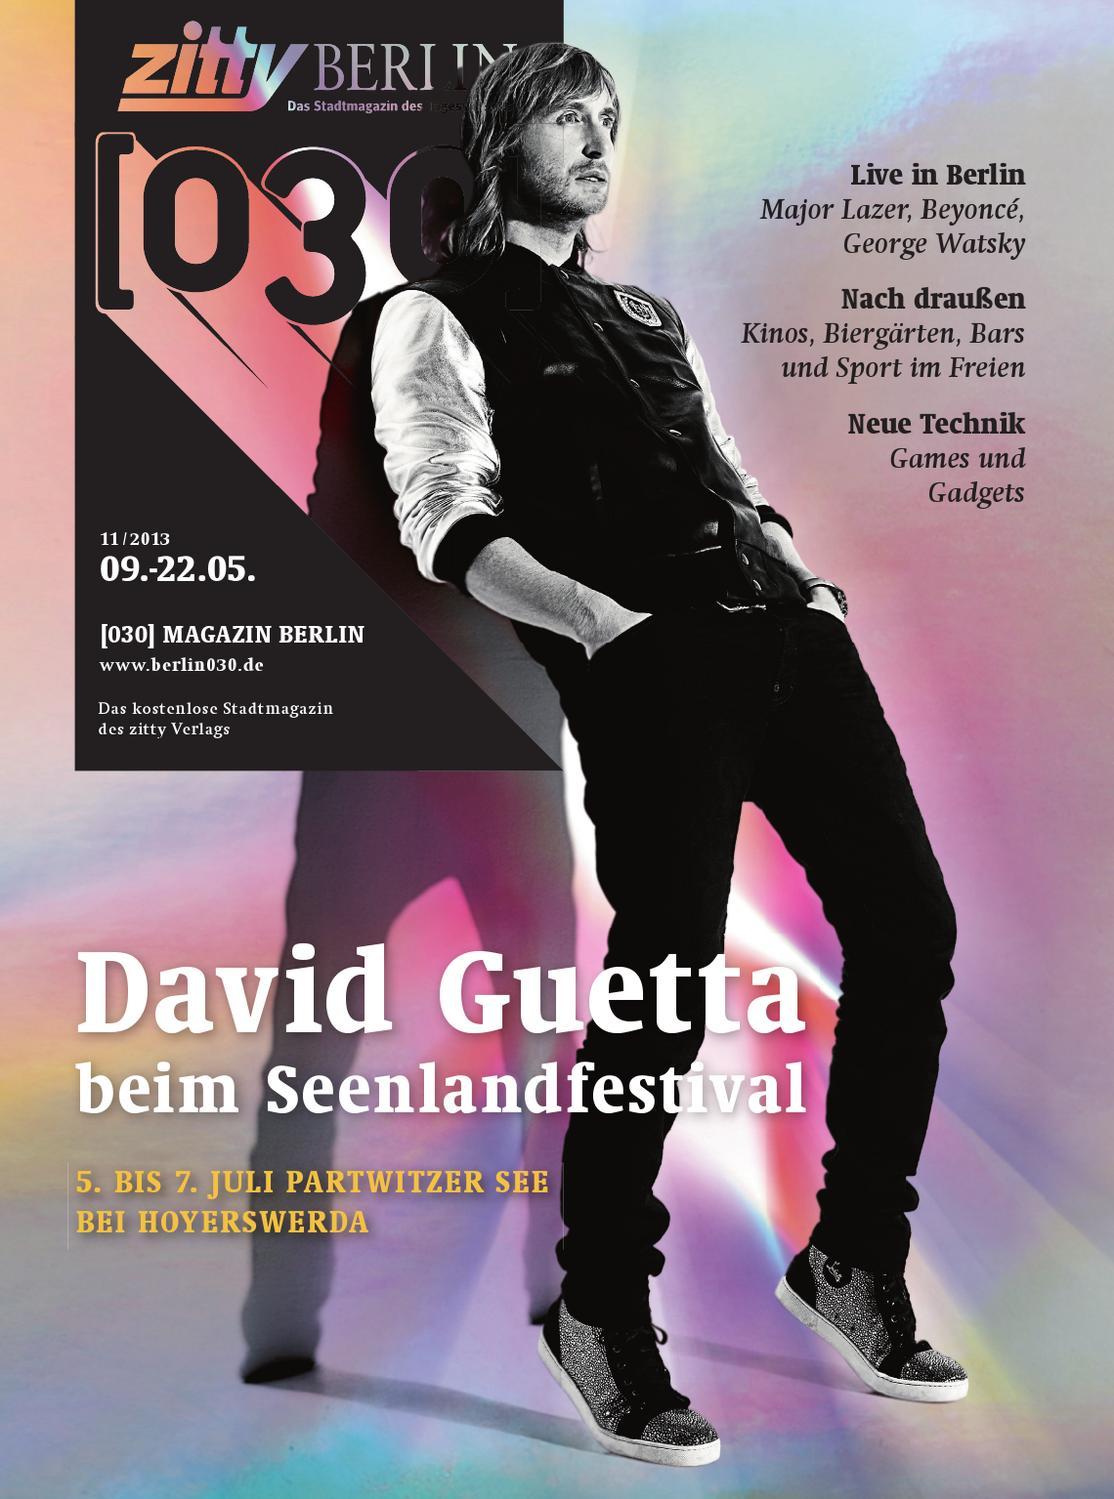 030] MAGAZIN Berlin - Ausgabe 15 by Zitty Verlag - issuu